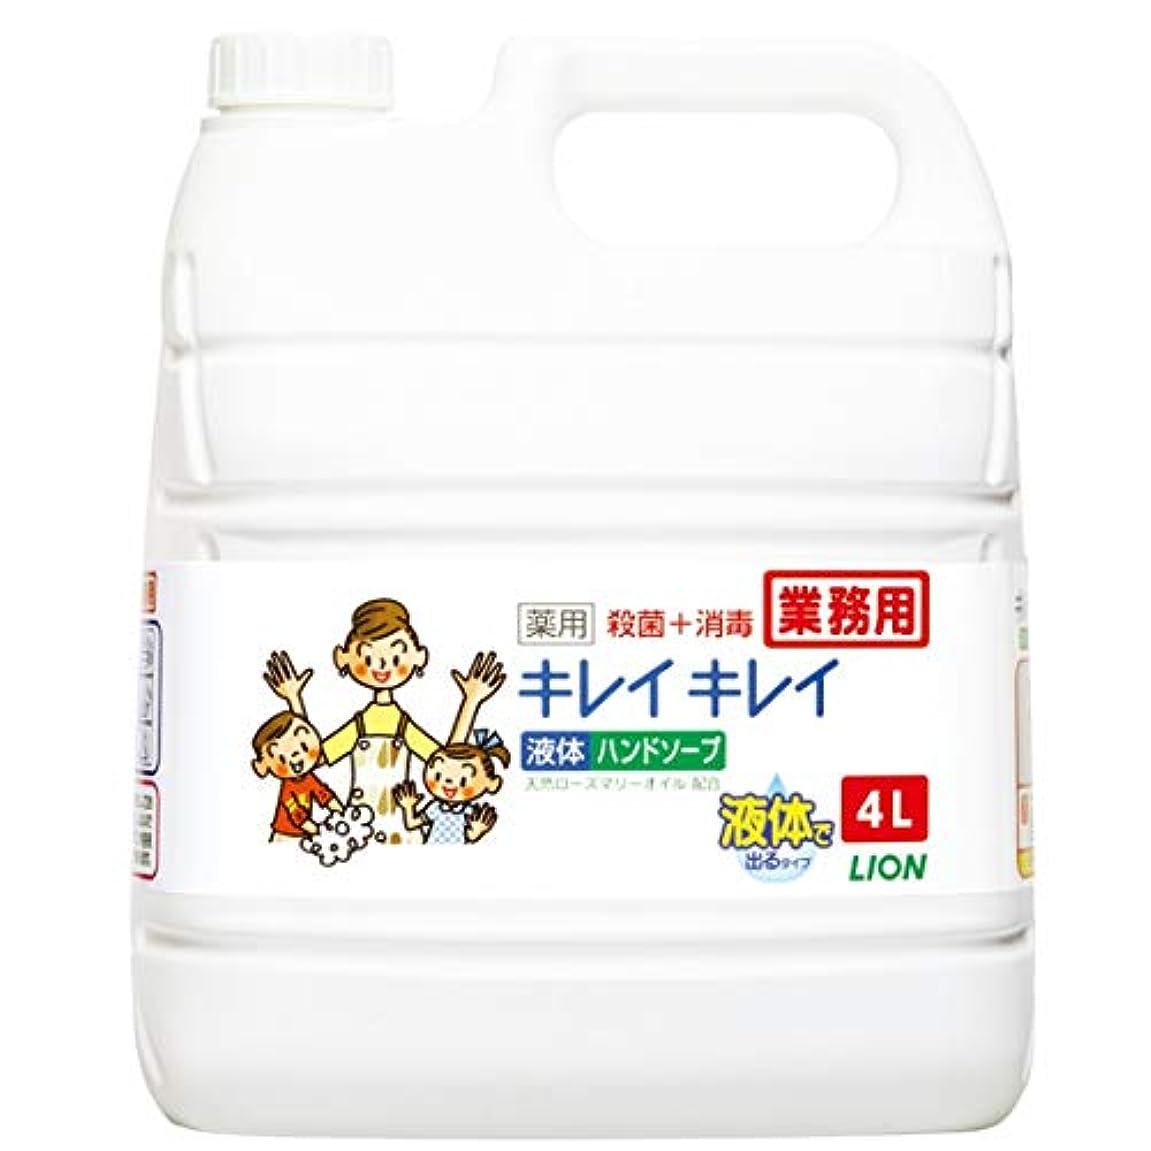 軍艦郵便局道【業務用 大容量】キレイキレイ 薬用 ハンドソープ  4L(医薬部外品)